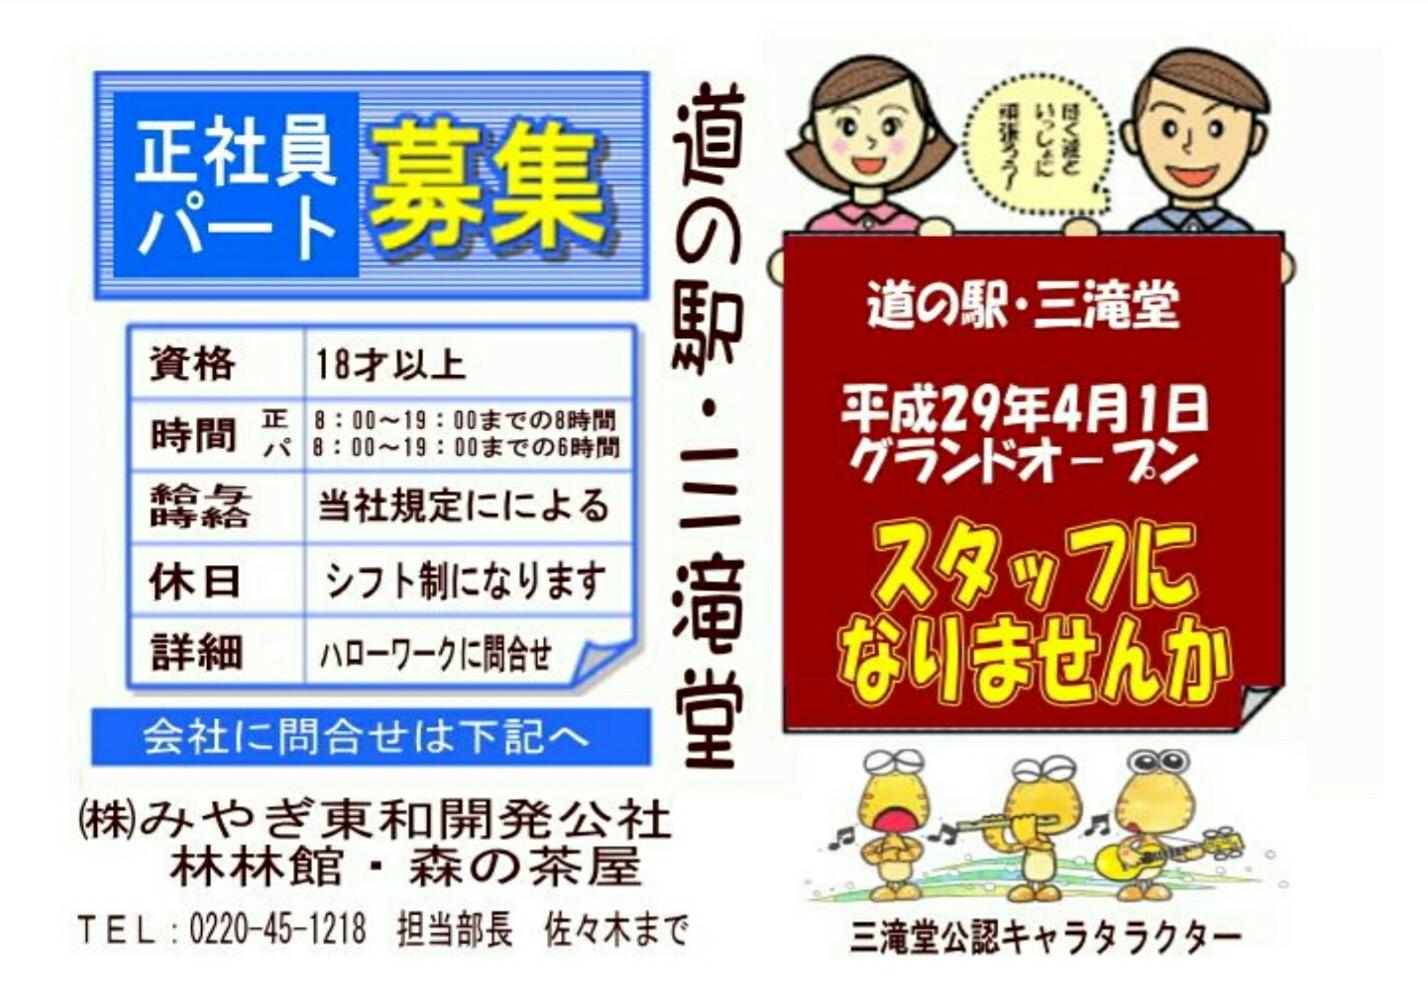 【道の駅 三滝堂】オープニングスタッフ大募集!!